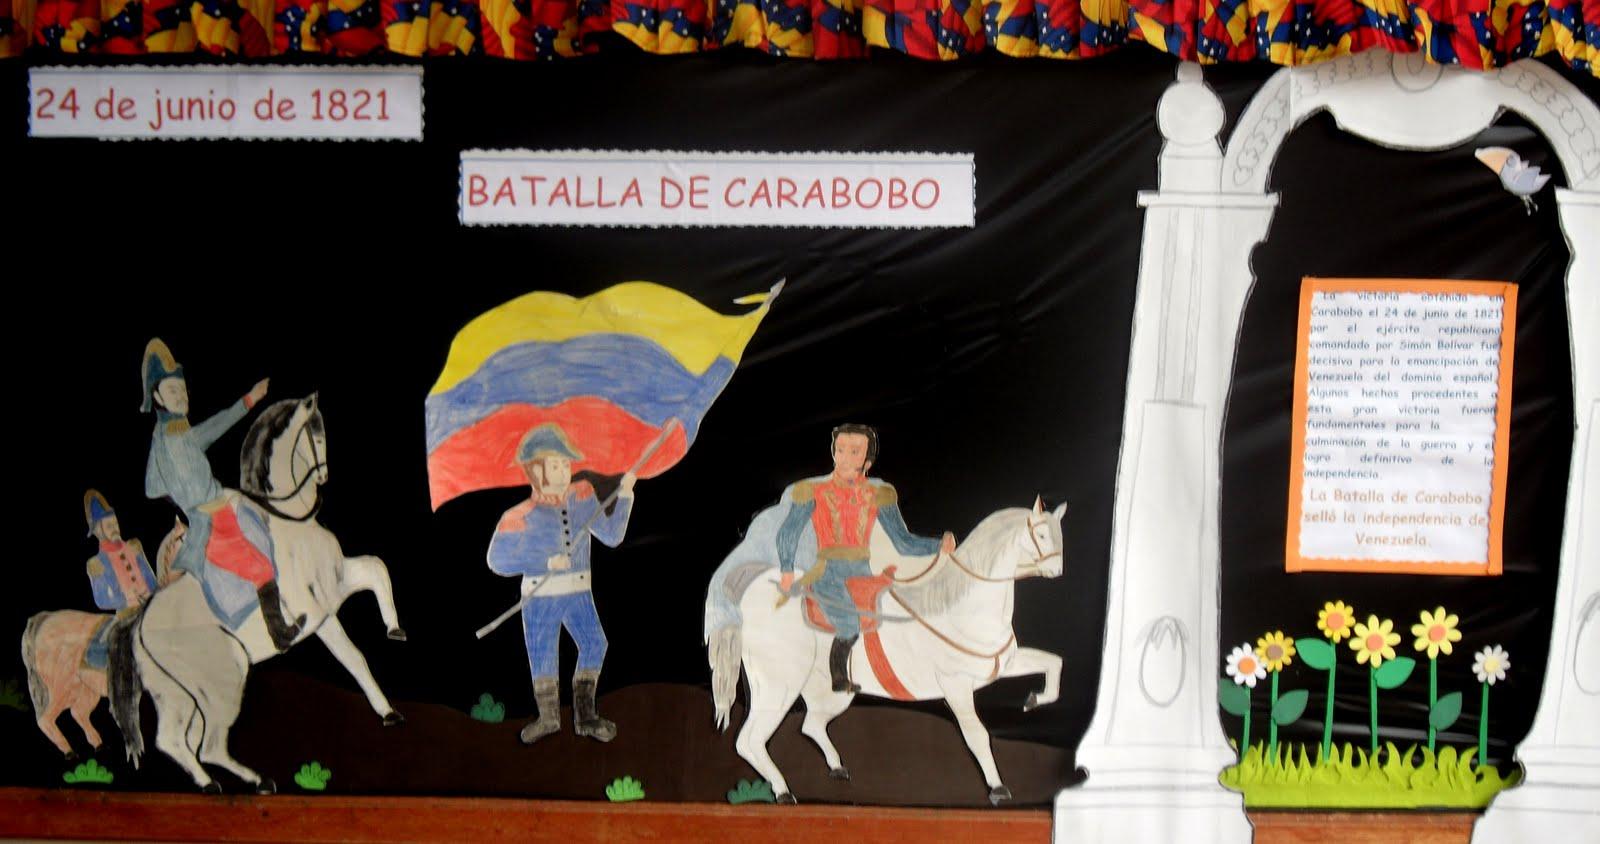 nos informa: 24 de junio de 1821.Día de la Batalla de Carabobo